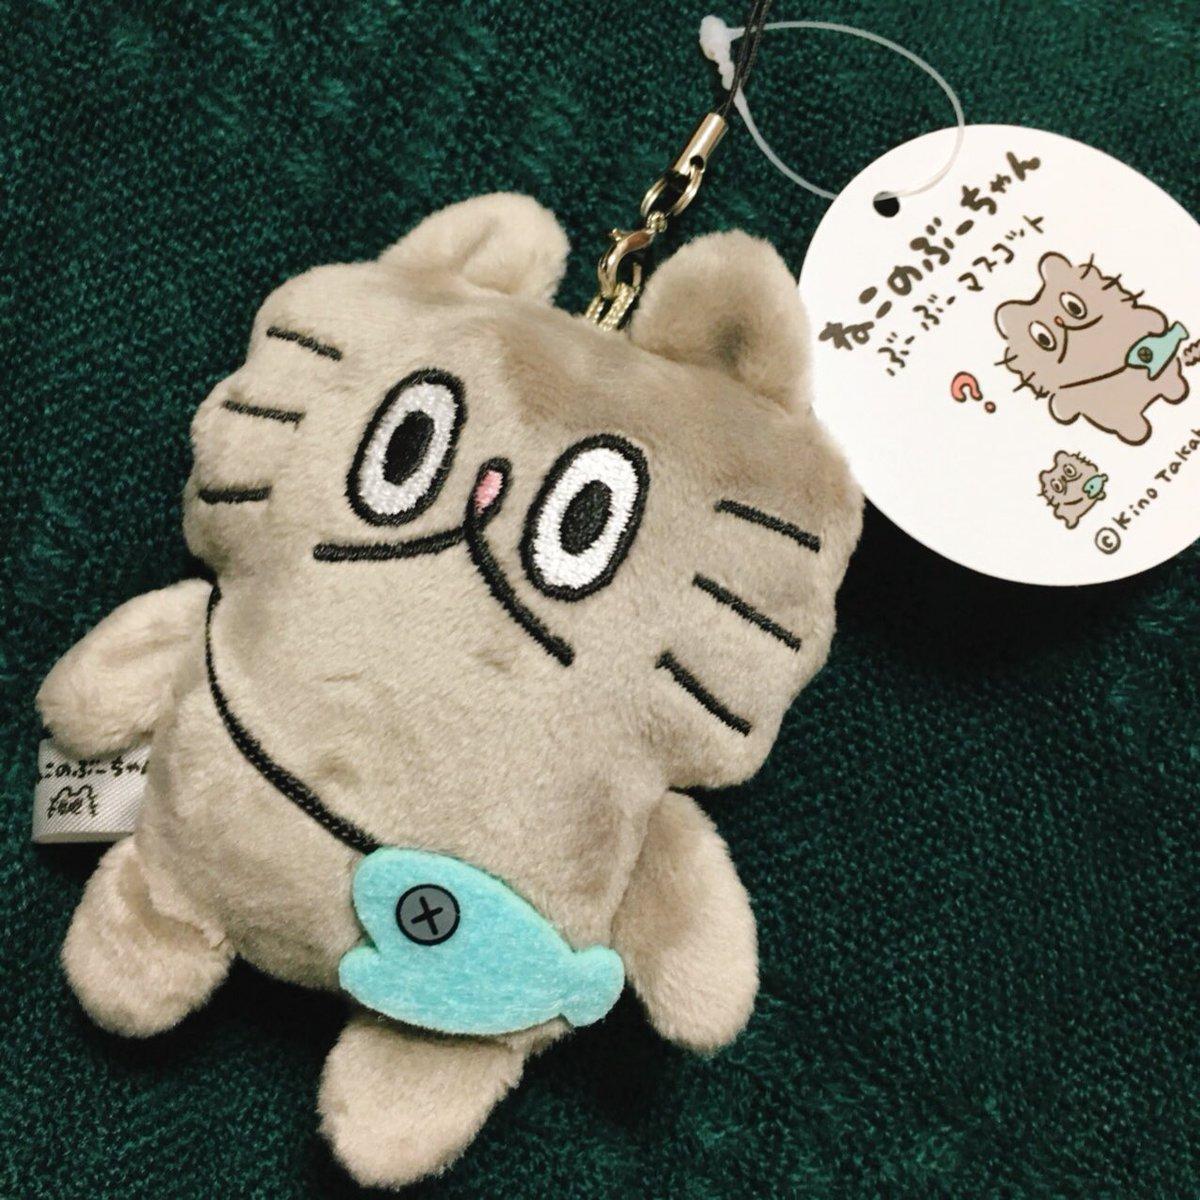 高橋きの先生( @tantan_0502 )からぶーちゃんマスコット頂いちゃいました…!がわいい!!嬉しいクリスマスプレゼントです…きの先生ありがとうございます!!✨